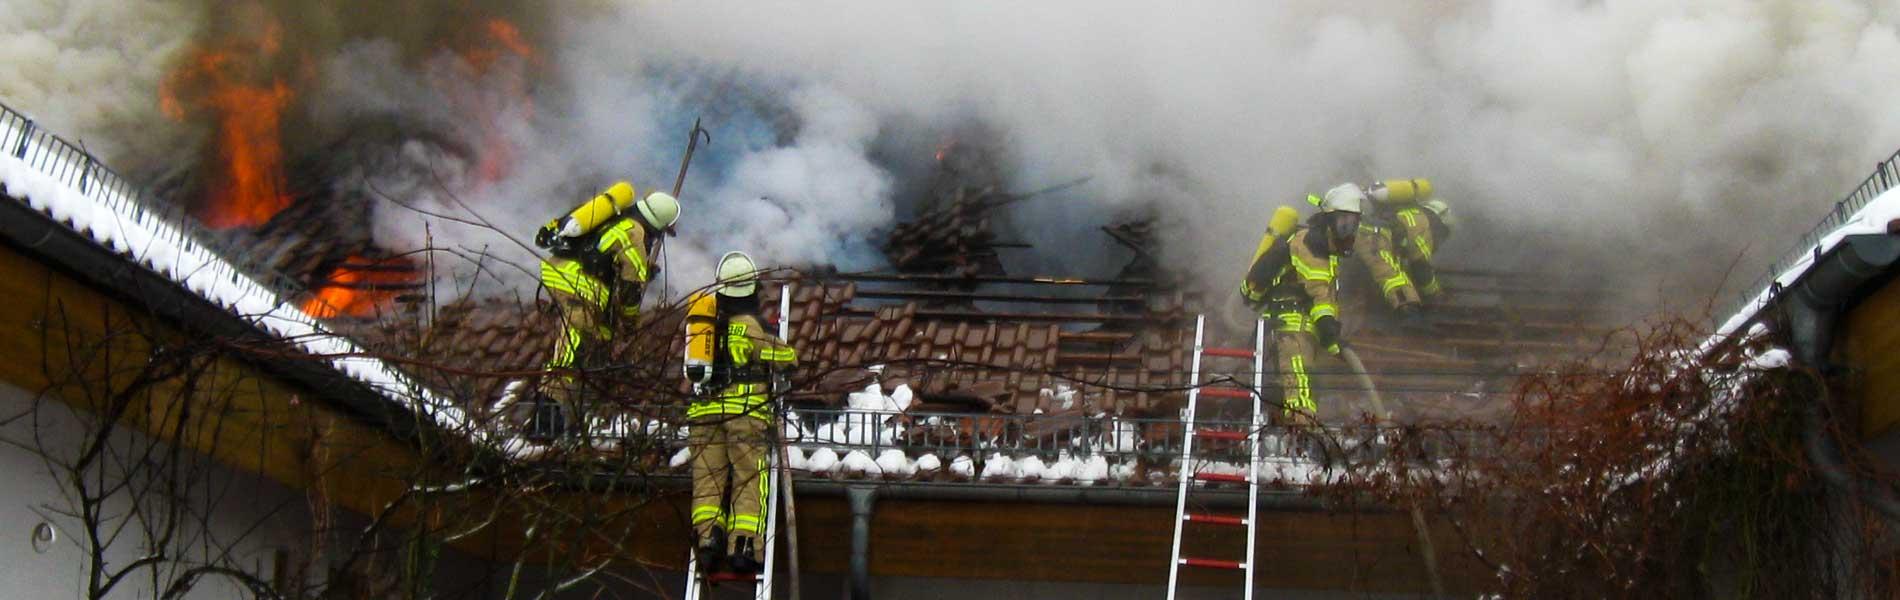 Feuerwehr-Asbach_Einsatz_VG-Asbach